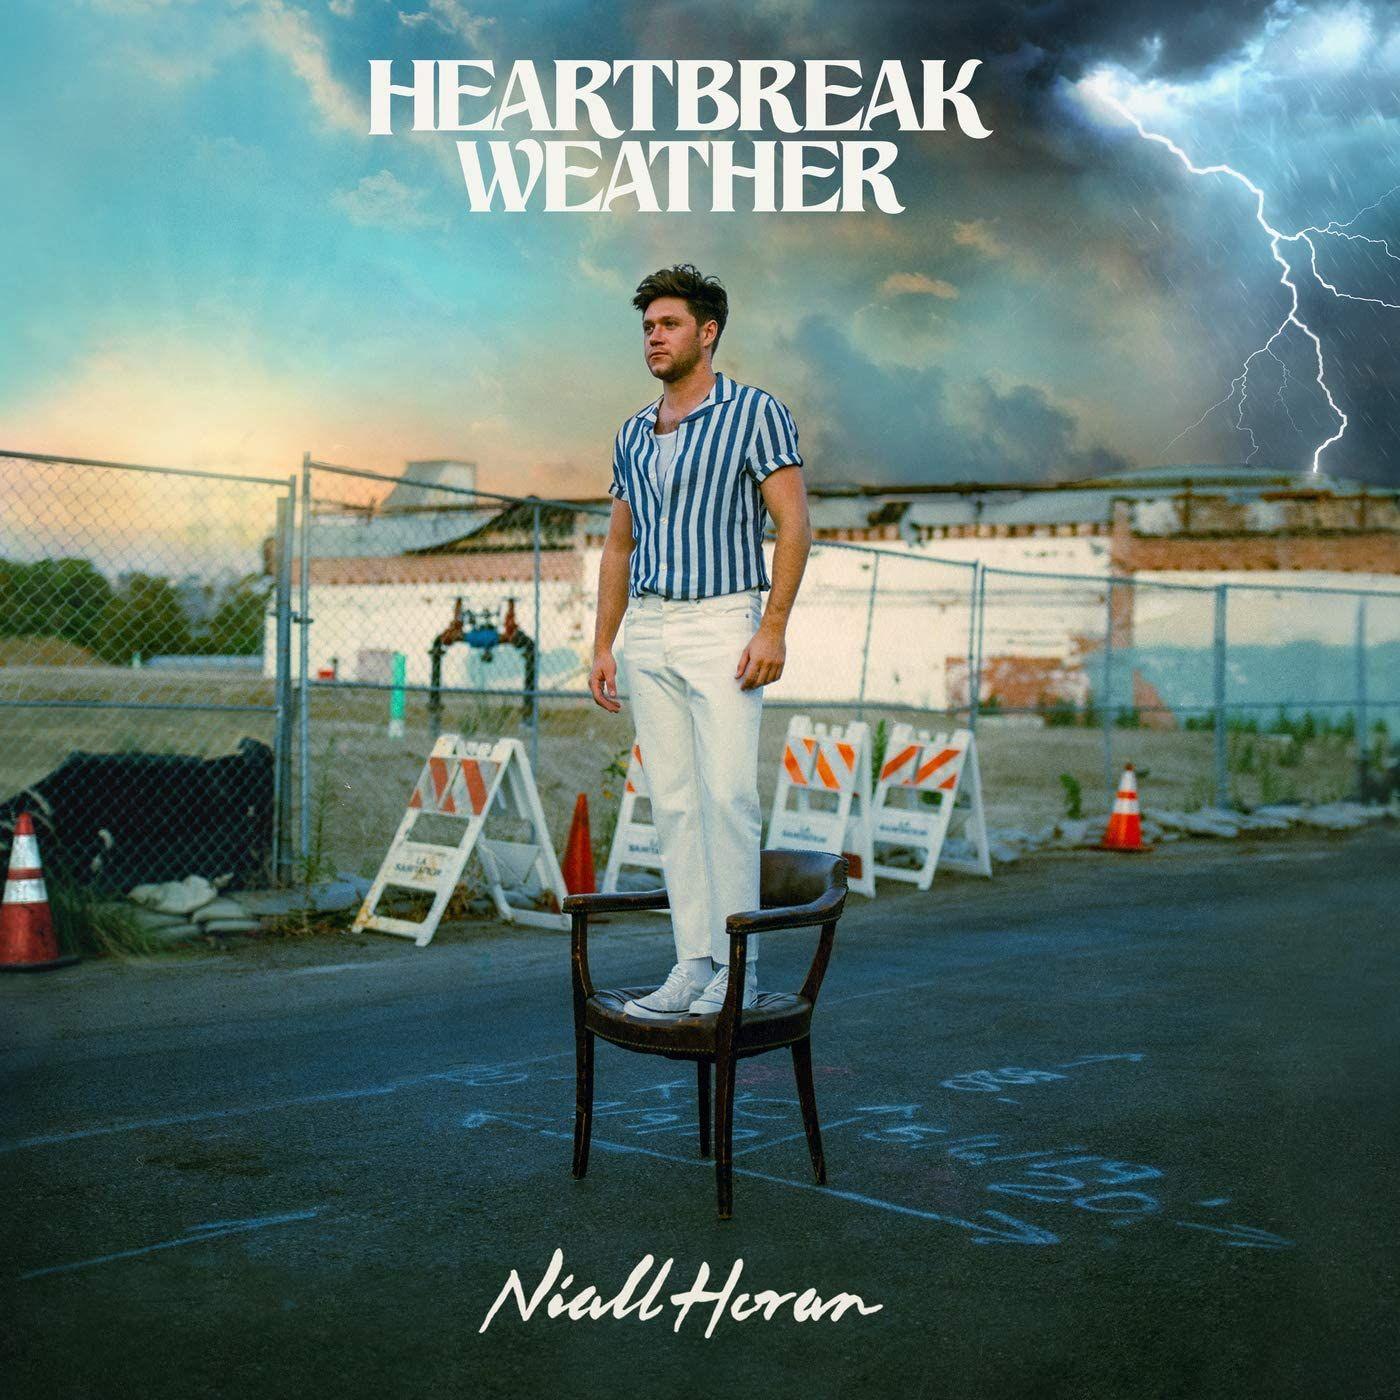 Heartbreak Weather Album Cover Búsqueda De Google Music Album Cover Cool Album Covers Album Covers